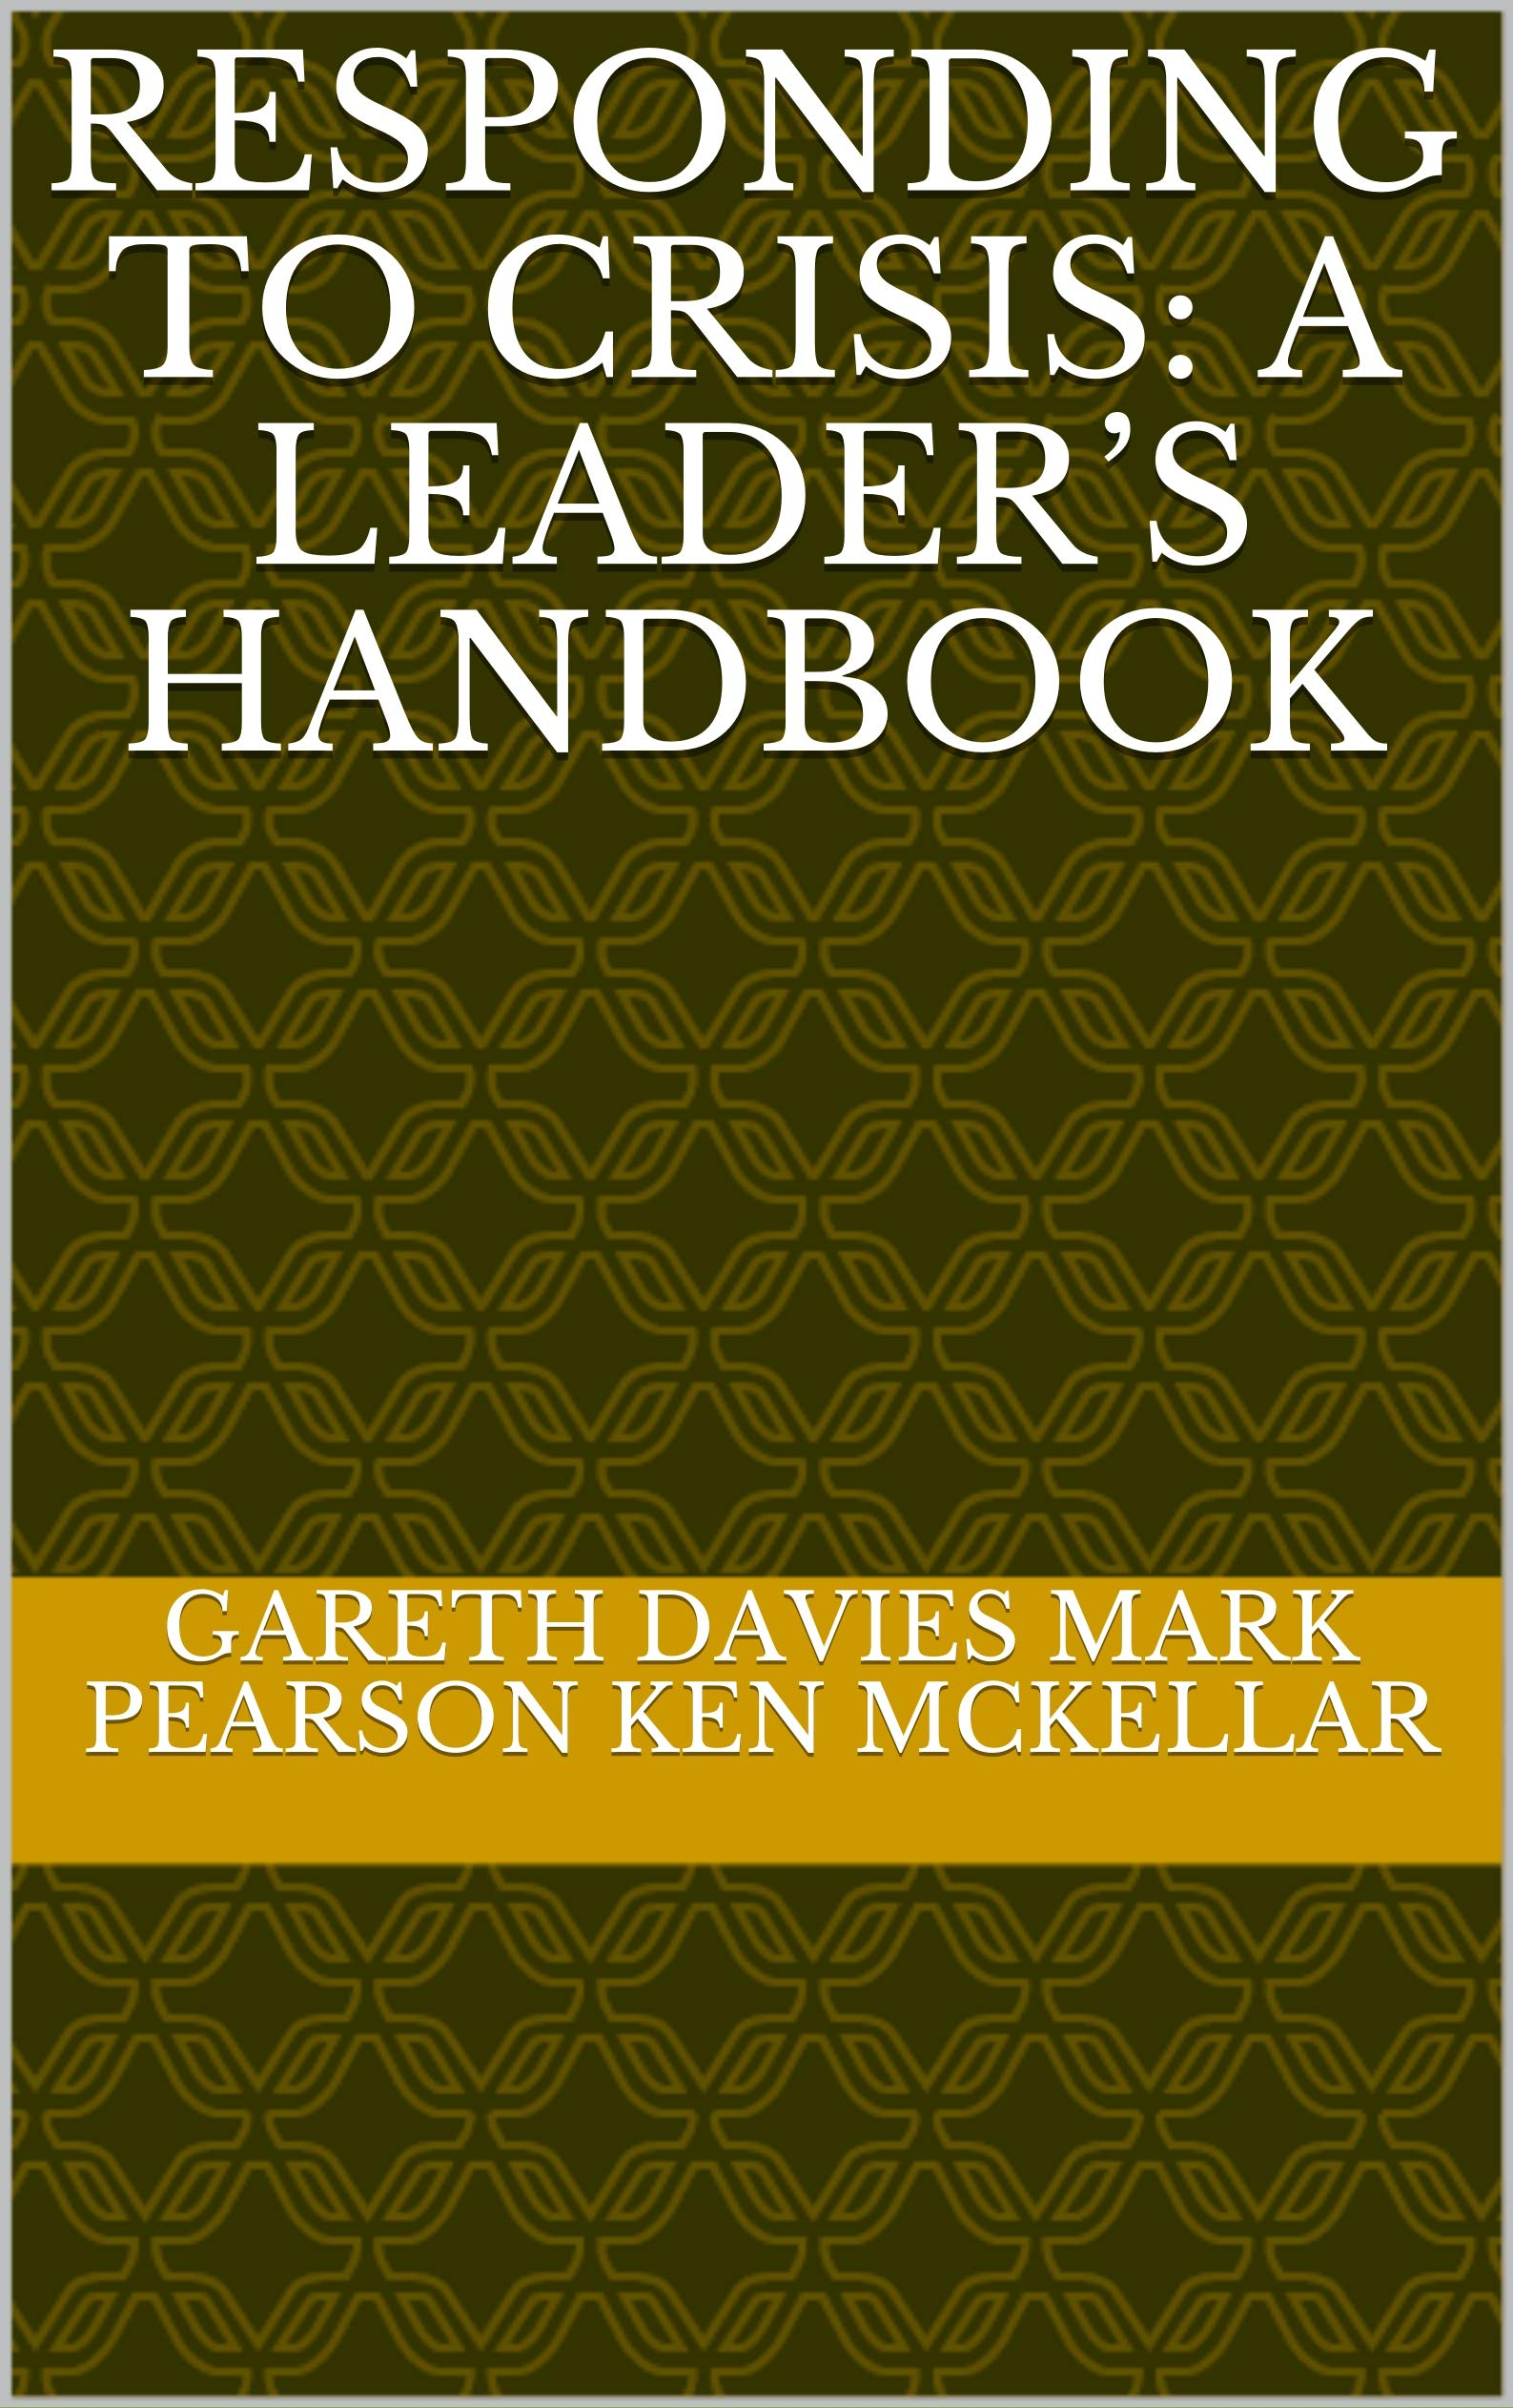 Responding to Crisis: A Leader's Handbook